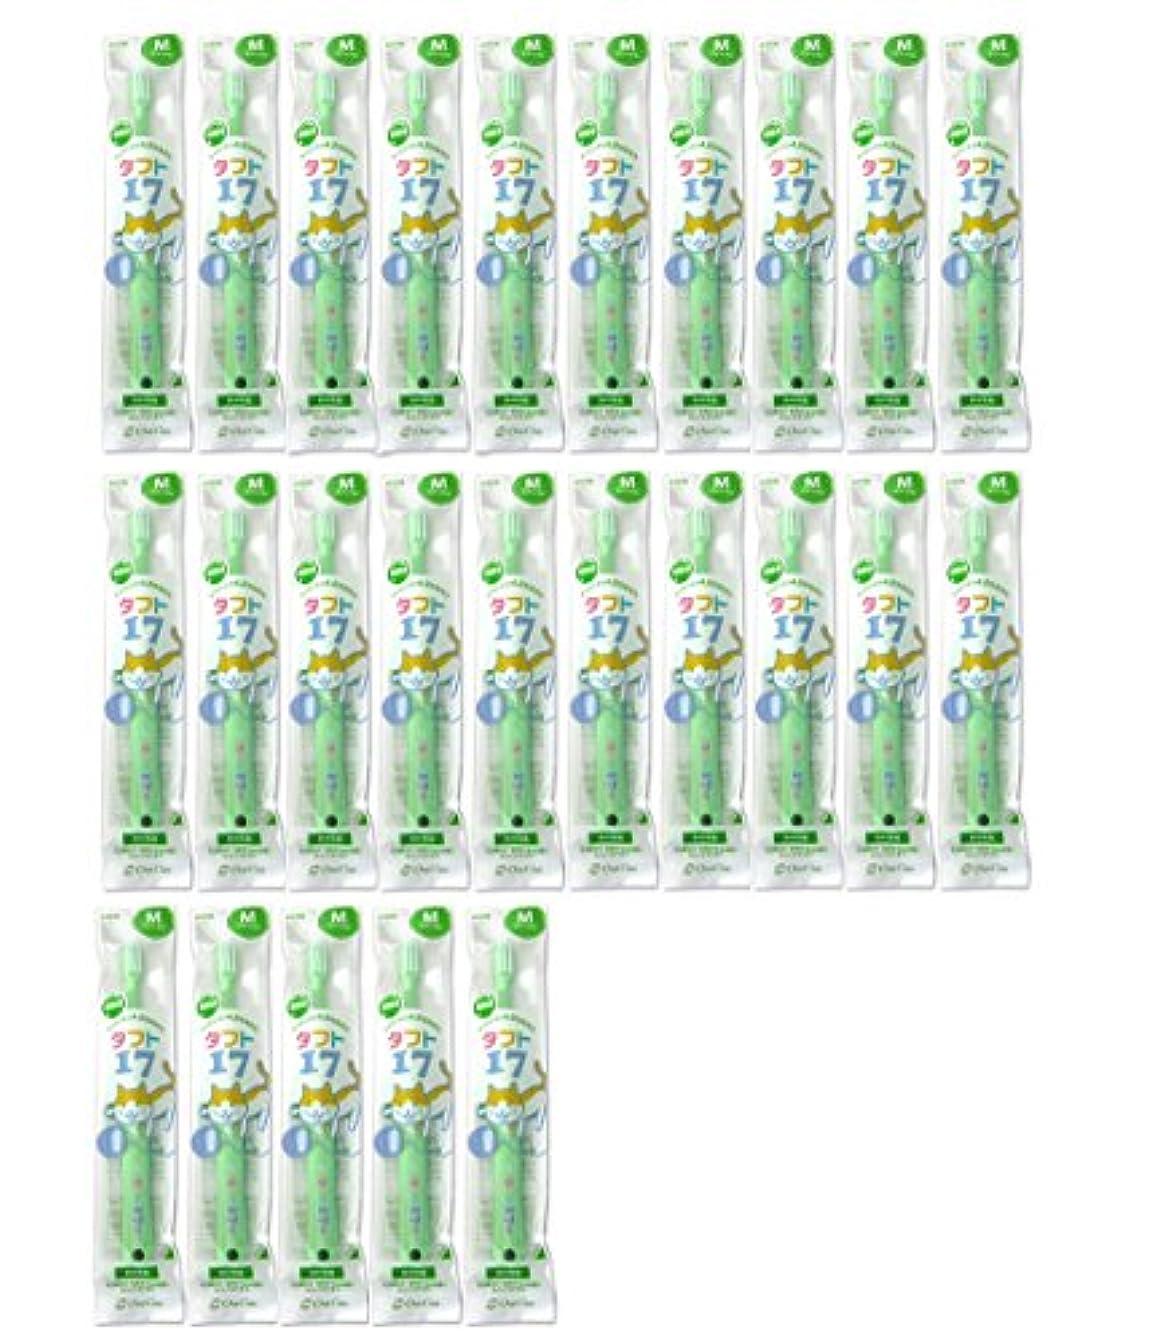 に付ける中世の予備タフト17 25本 オーラルケア 【タフト17/ミディアム 子供】 乳歯列(1~7歳用)こども歯ブラシ便不 グリーン